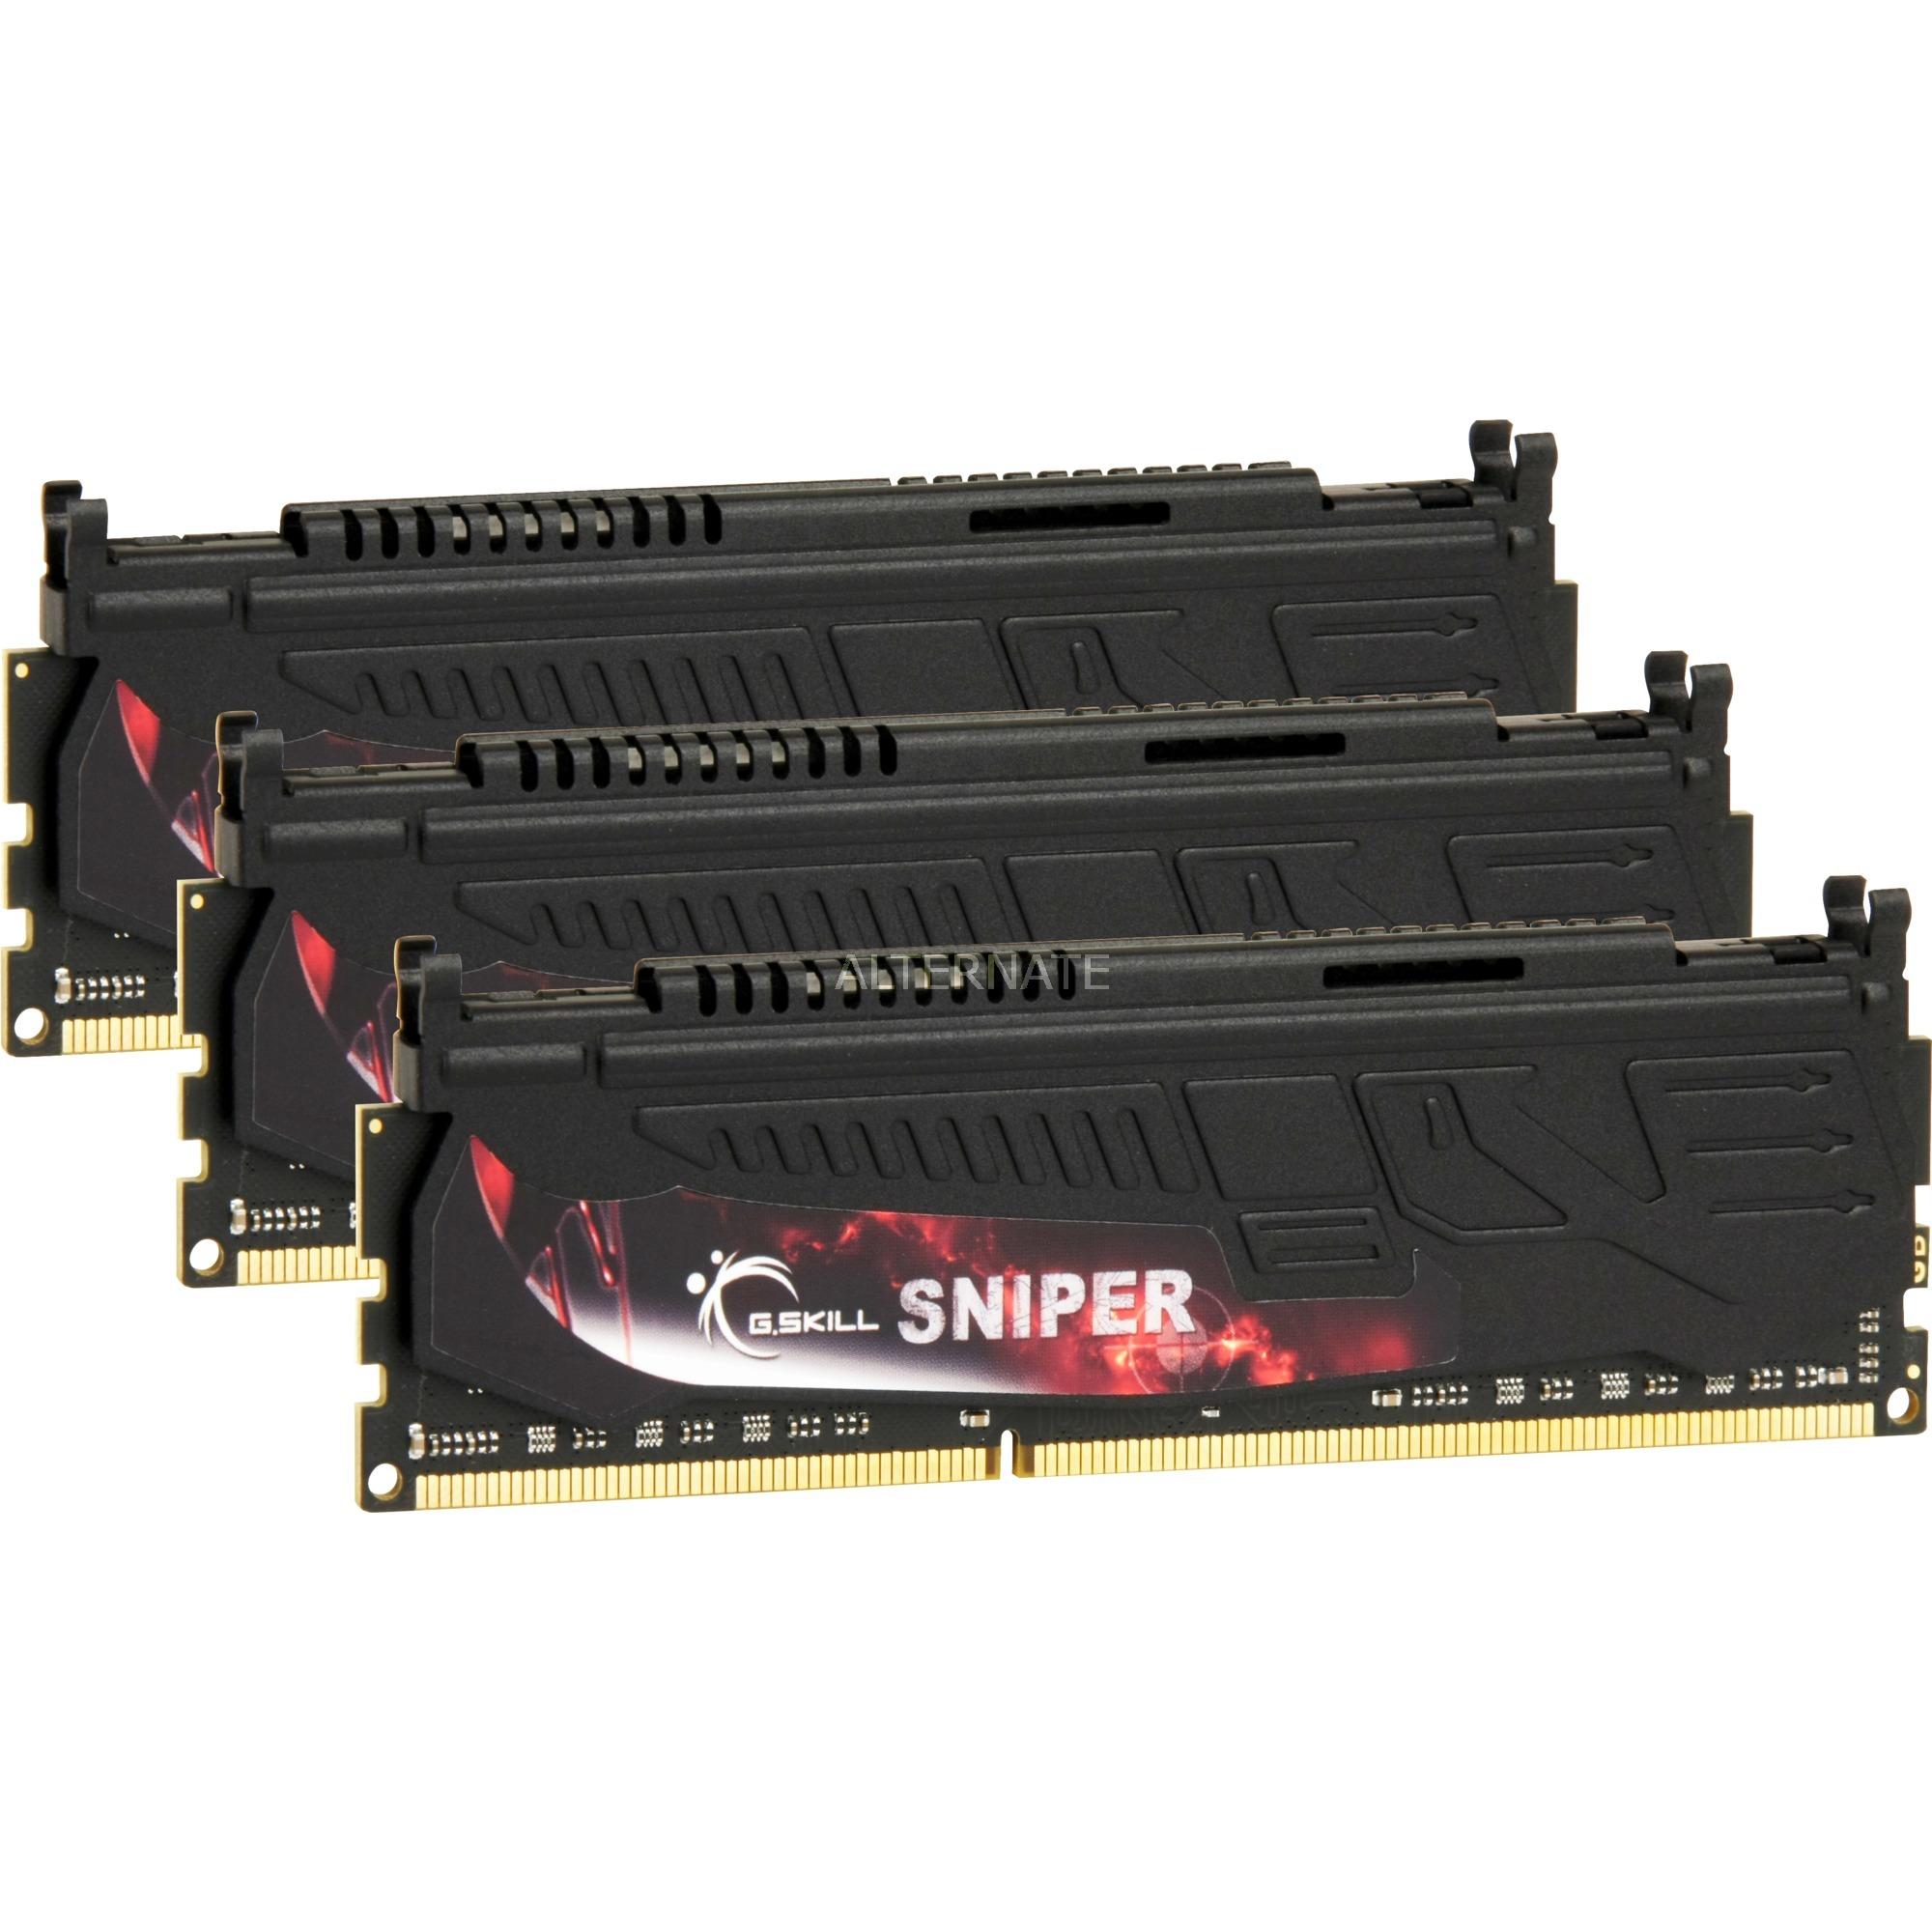 12GB DDR3-1600 SNIPER 12GB DDR3 1066MHz módulo de memoria, Memoria RAM